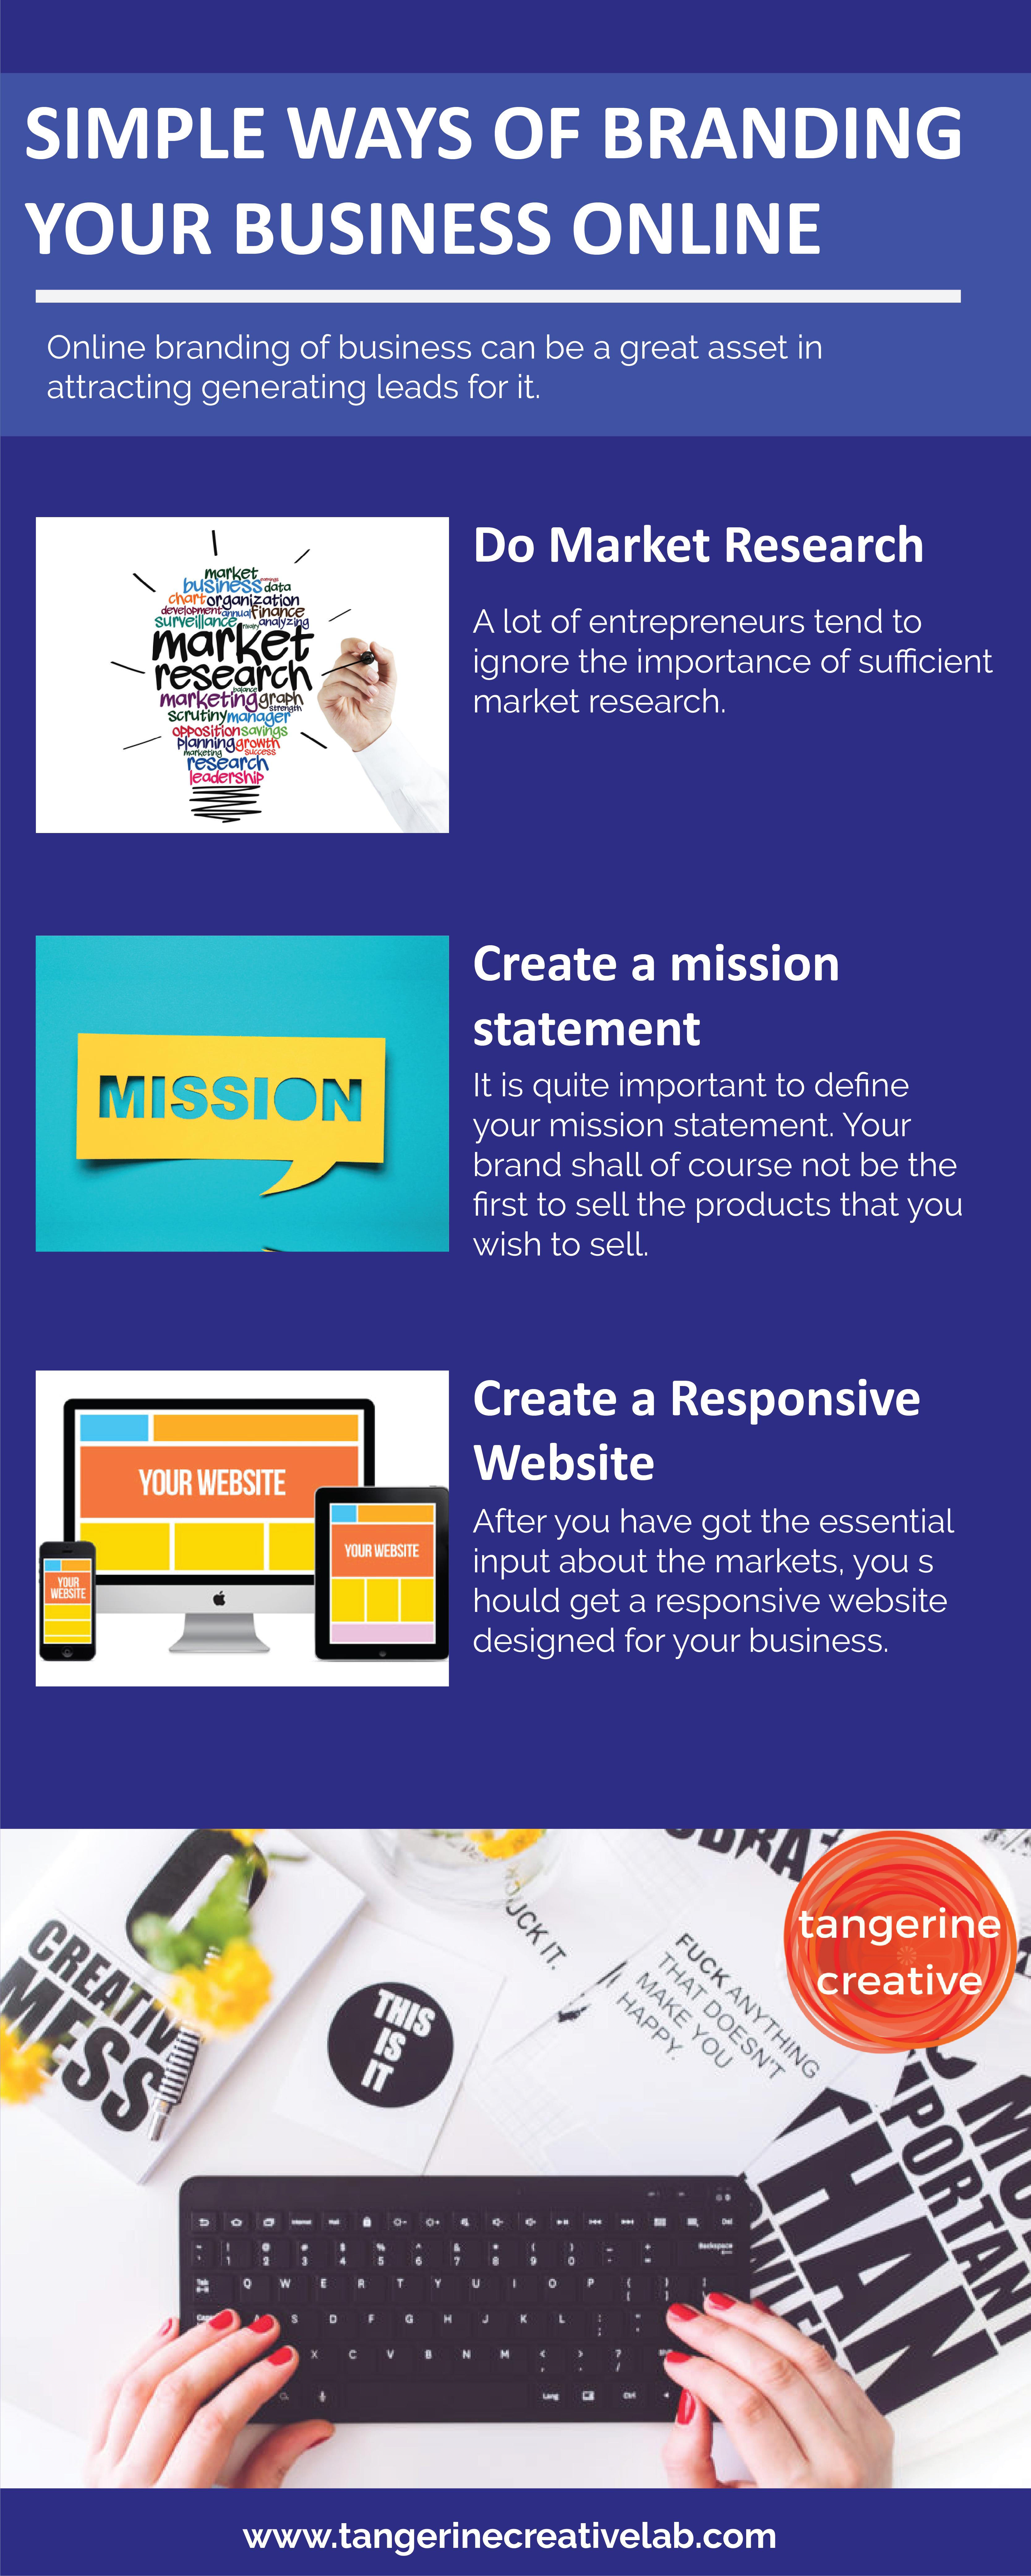 Online Branding for business